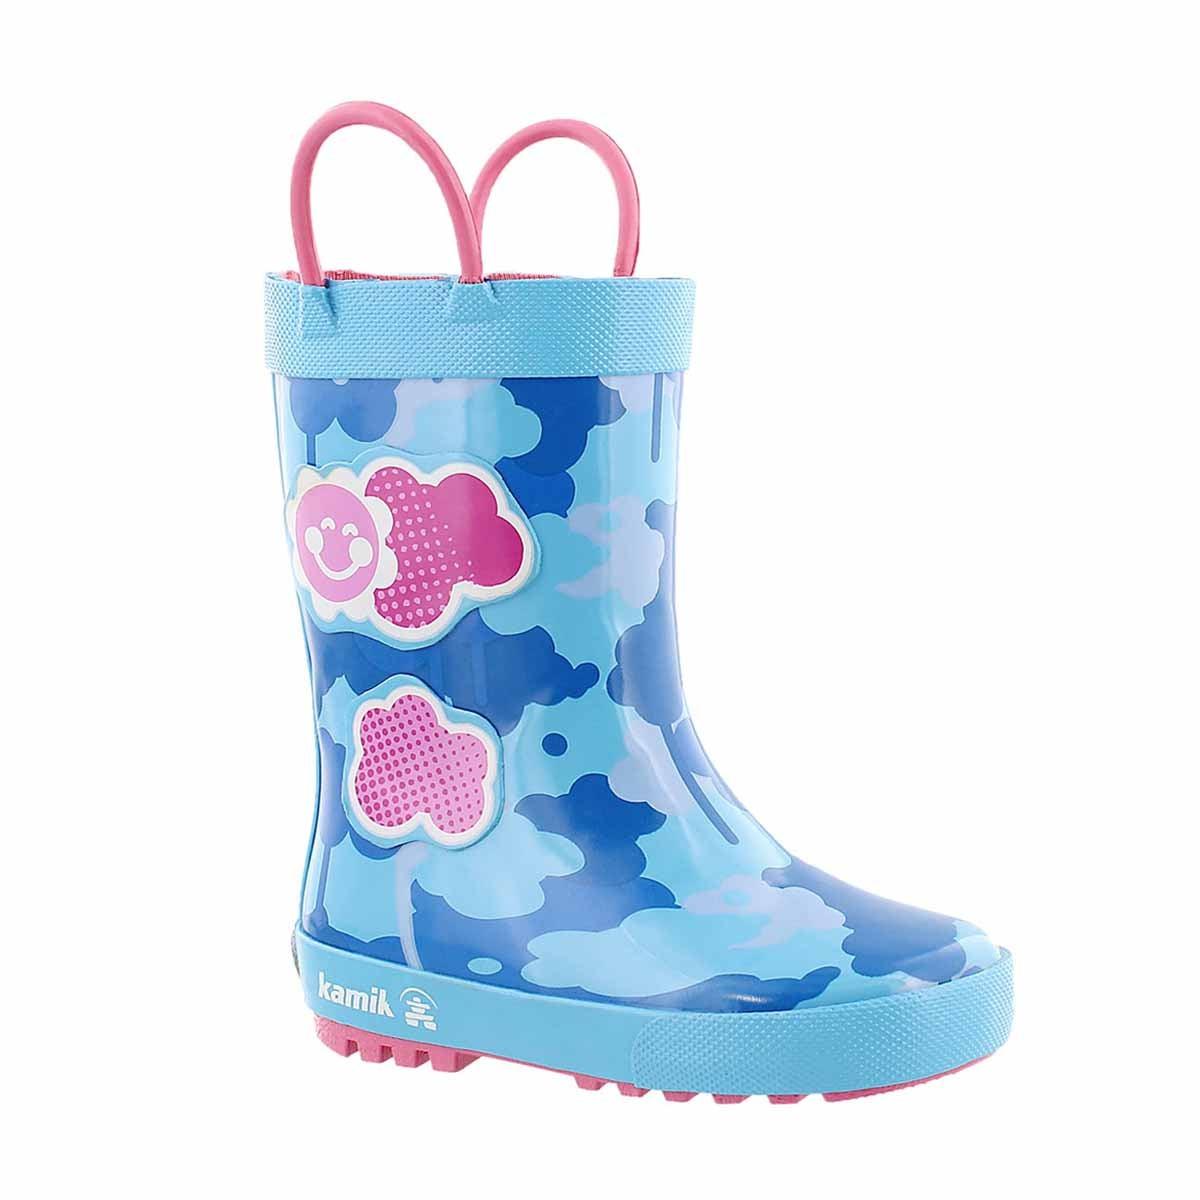 Infs Wildcloud lt blue rain boot